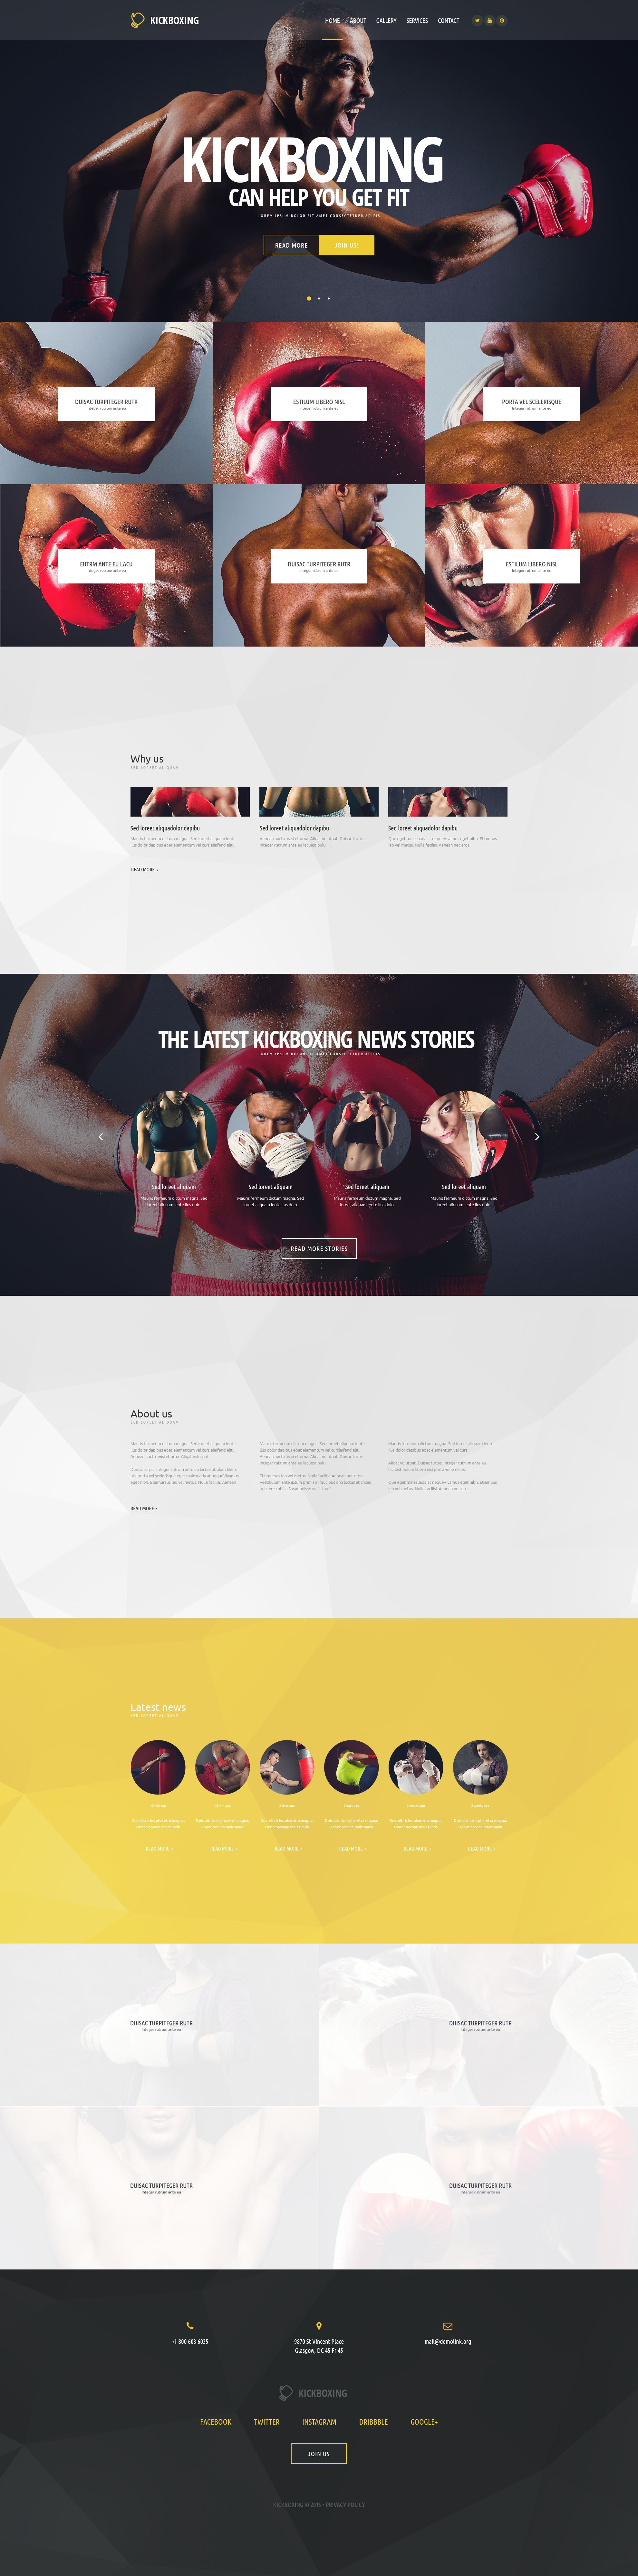 Responsywny szablon strony www Kickboxing #54569